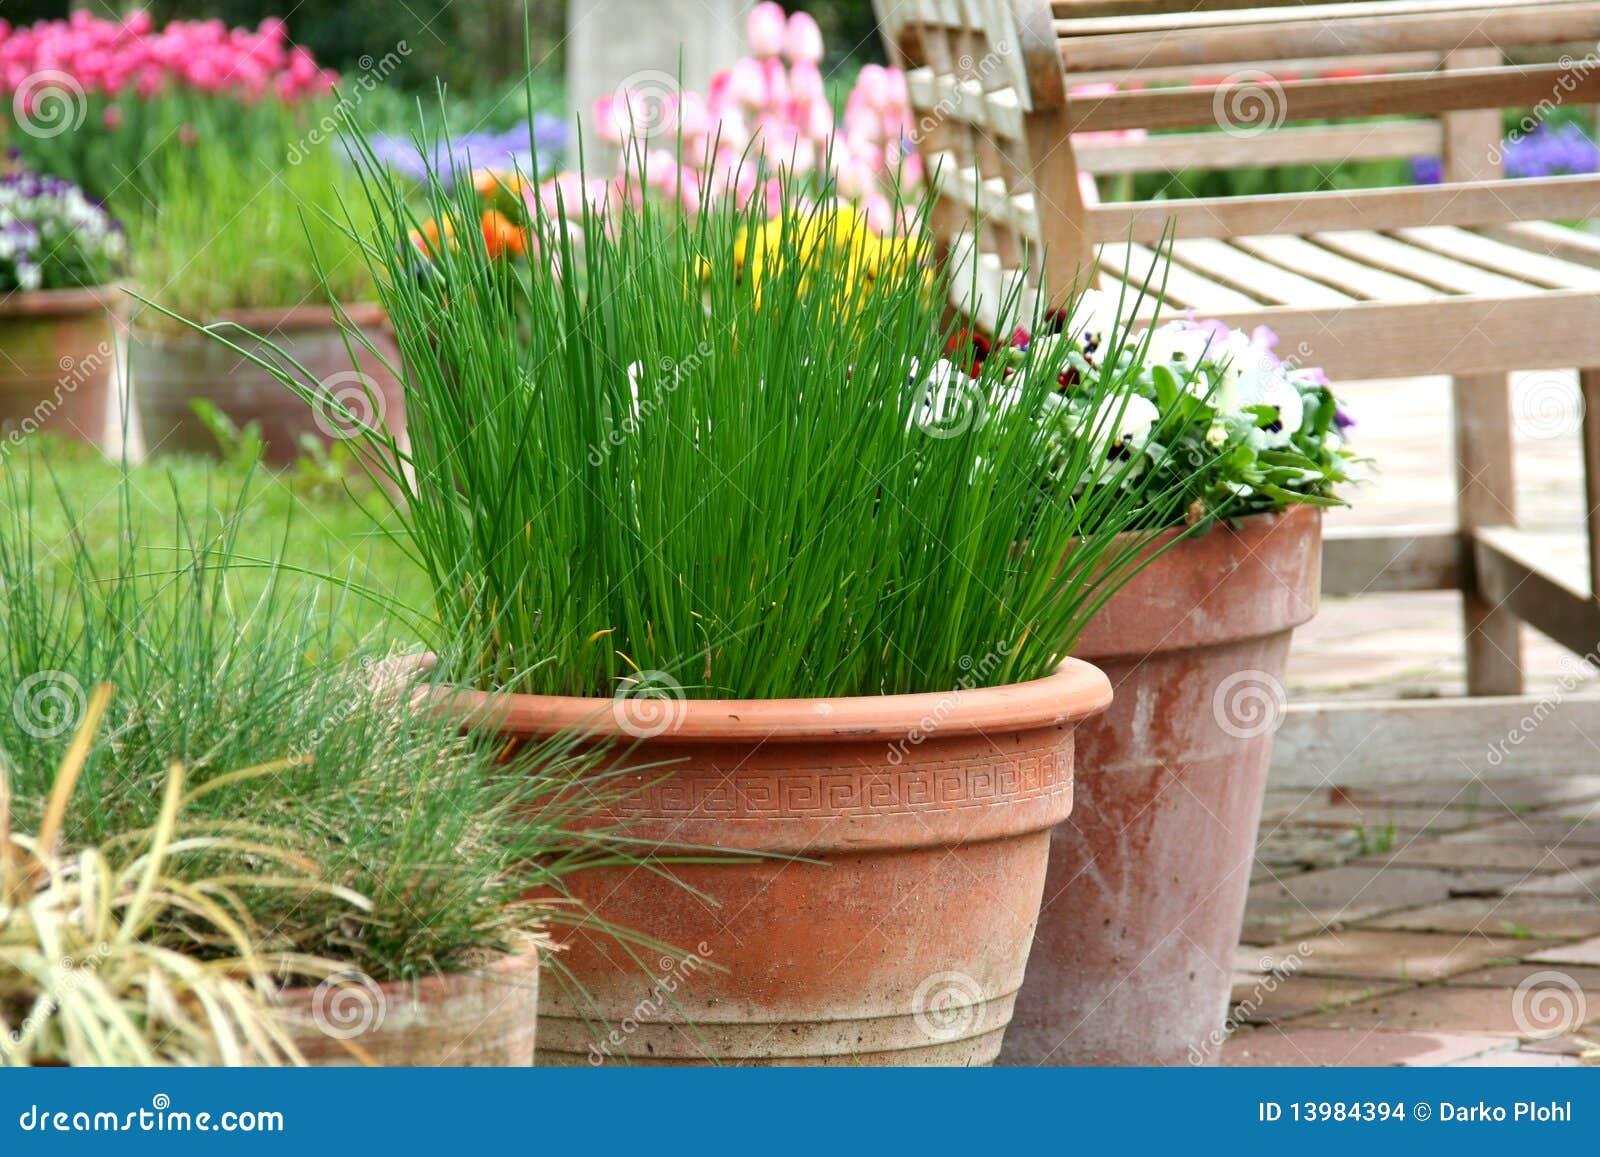 bac faisant du jardinage sur la terrasse herbe et fleur images stock image 13984394. Black Bedroom Furniture Sets. Home Design Ideas